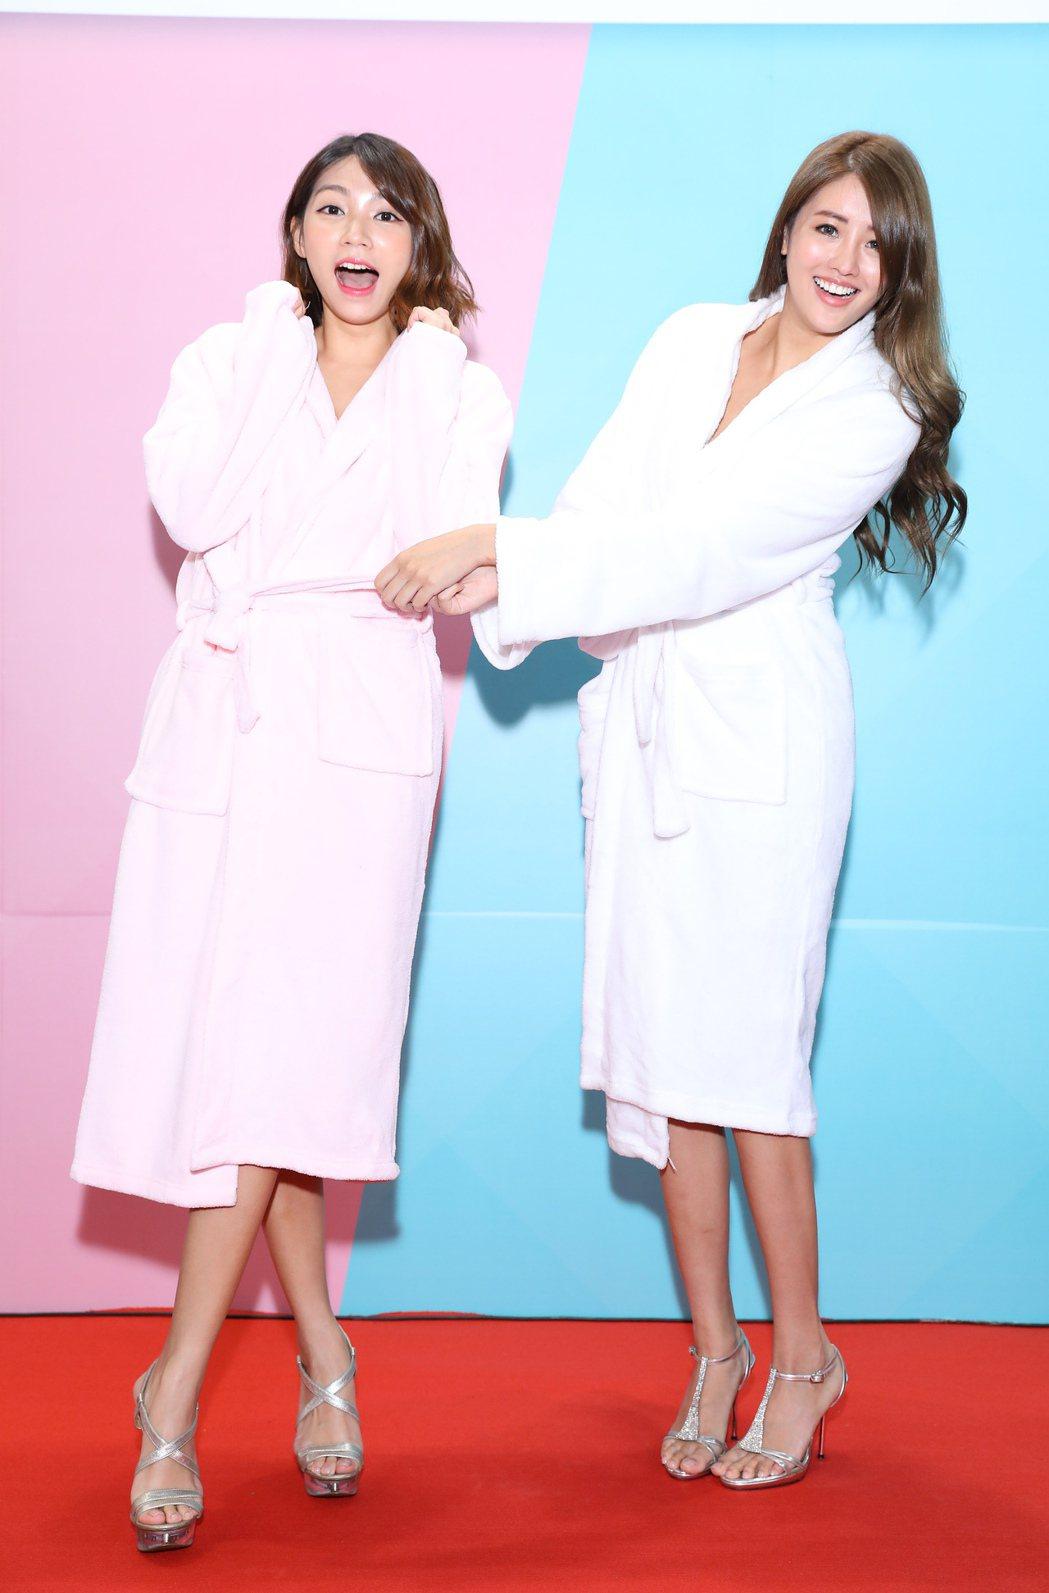 曾智希(左)和賴琳恩出席化妝品展活動。圖/伊林提供